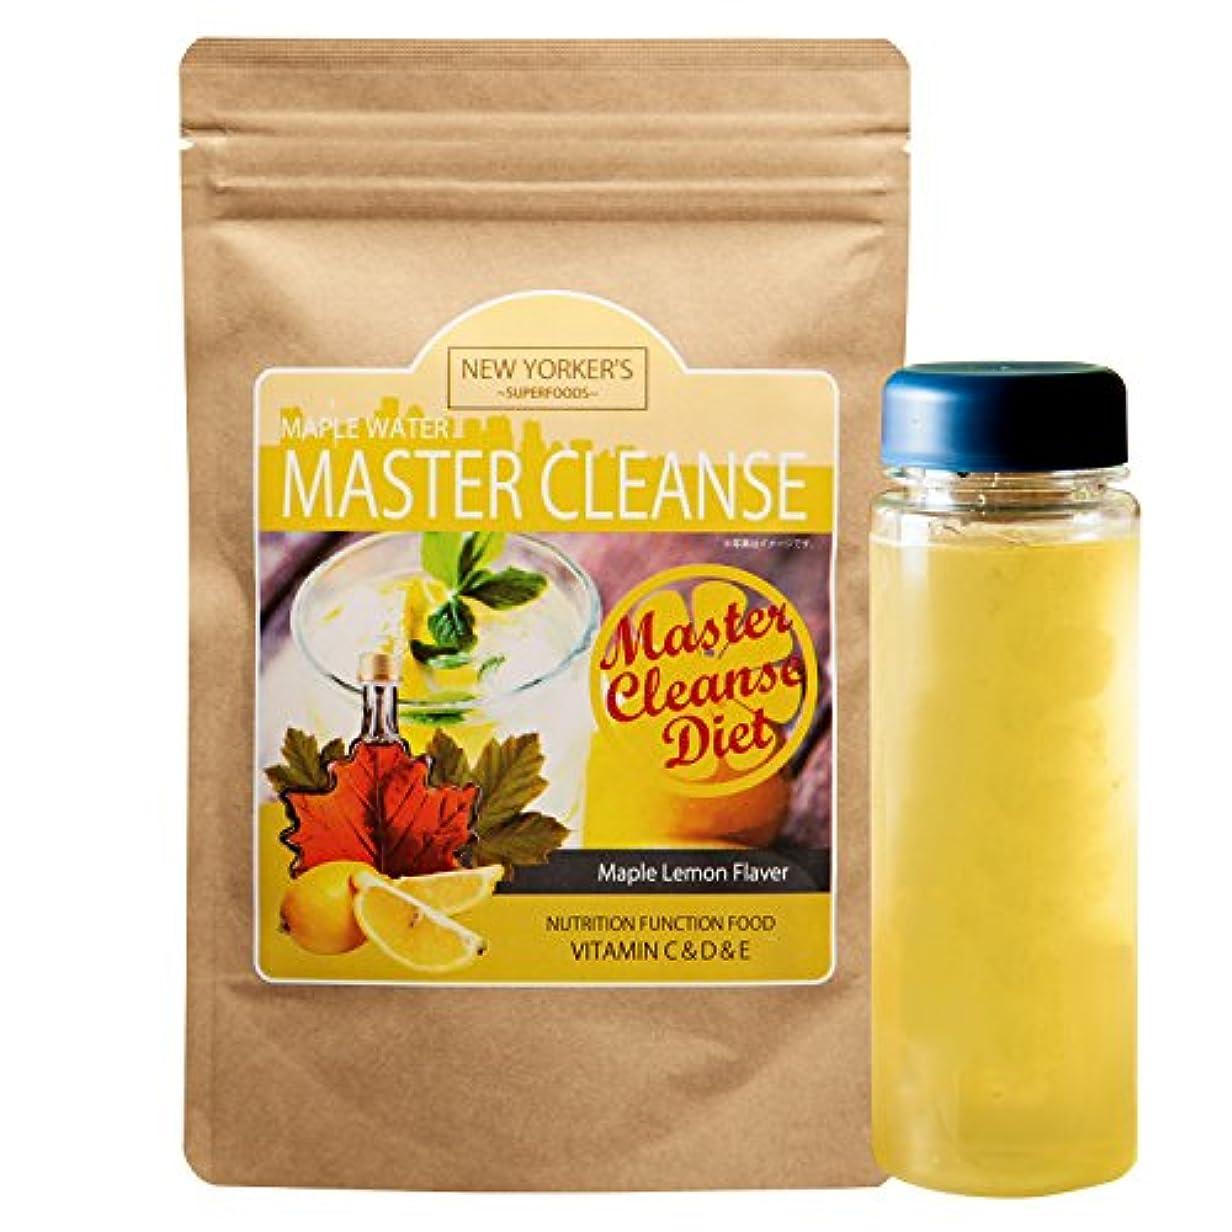 矛盾する敵対的ジョイントIDEA マスタークレンズダイエット メープルレモン味 ファスティングダイエット 5g×9包